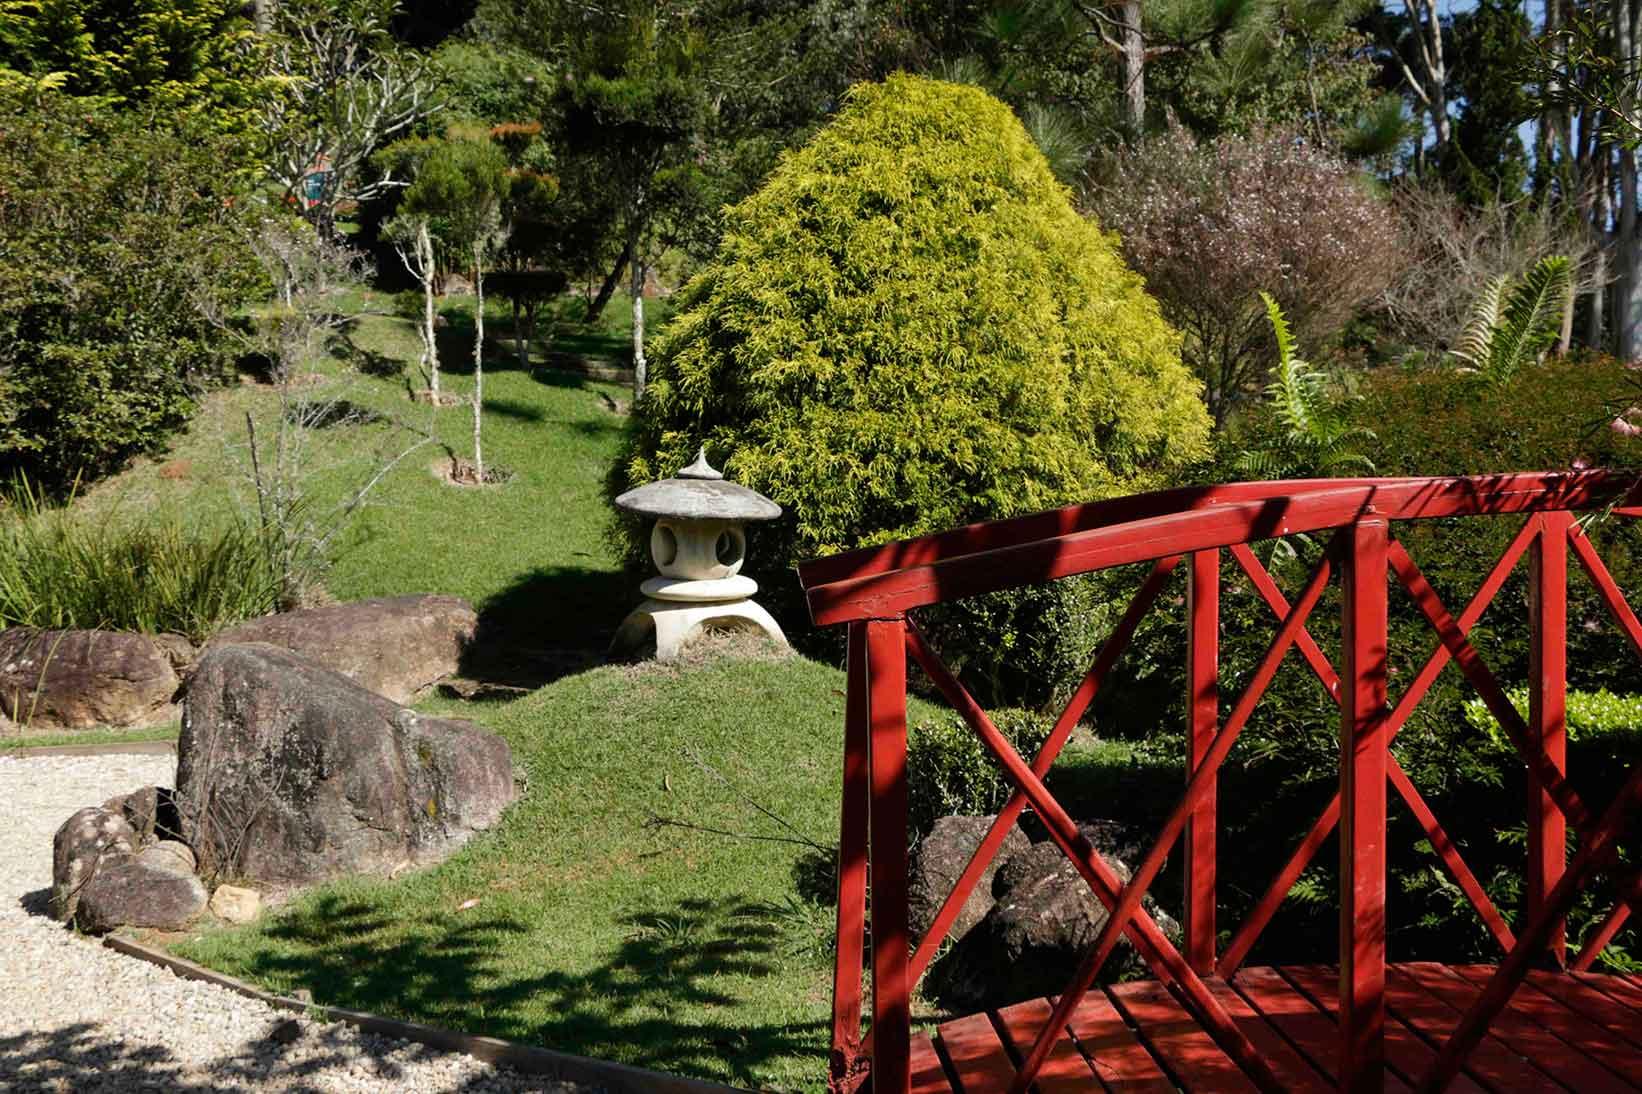 Santo-Antonio-do-Pinhal-Meio-Ambiente-Jardim-dos-Pinhais-_MG_5864-bx